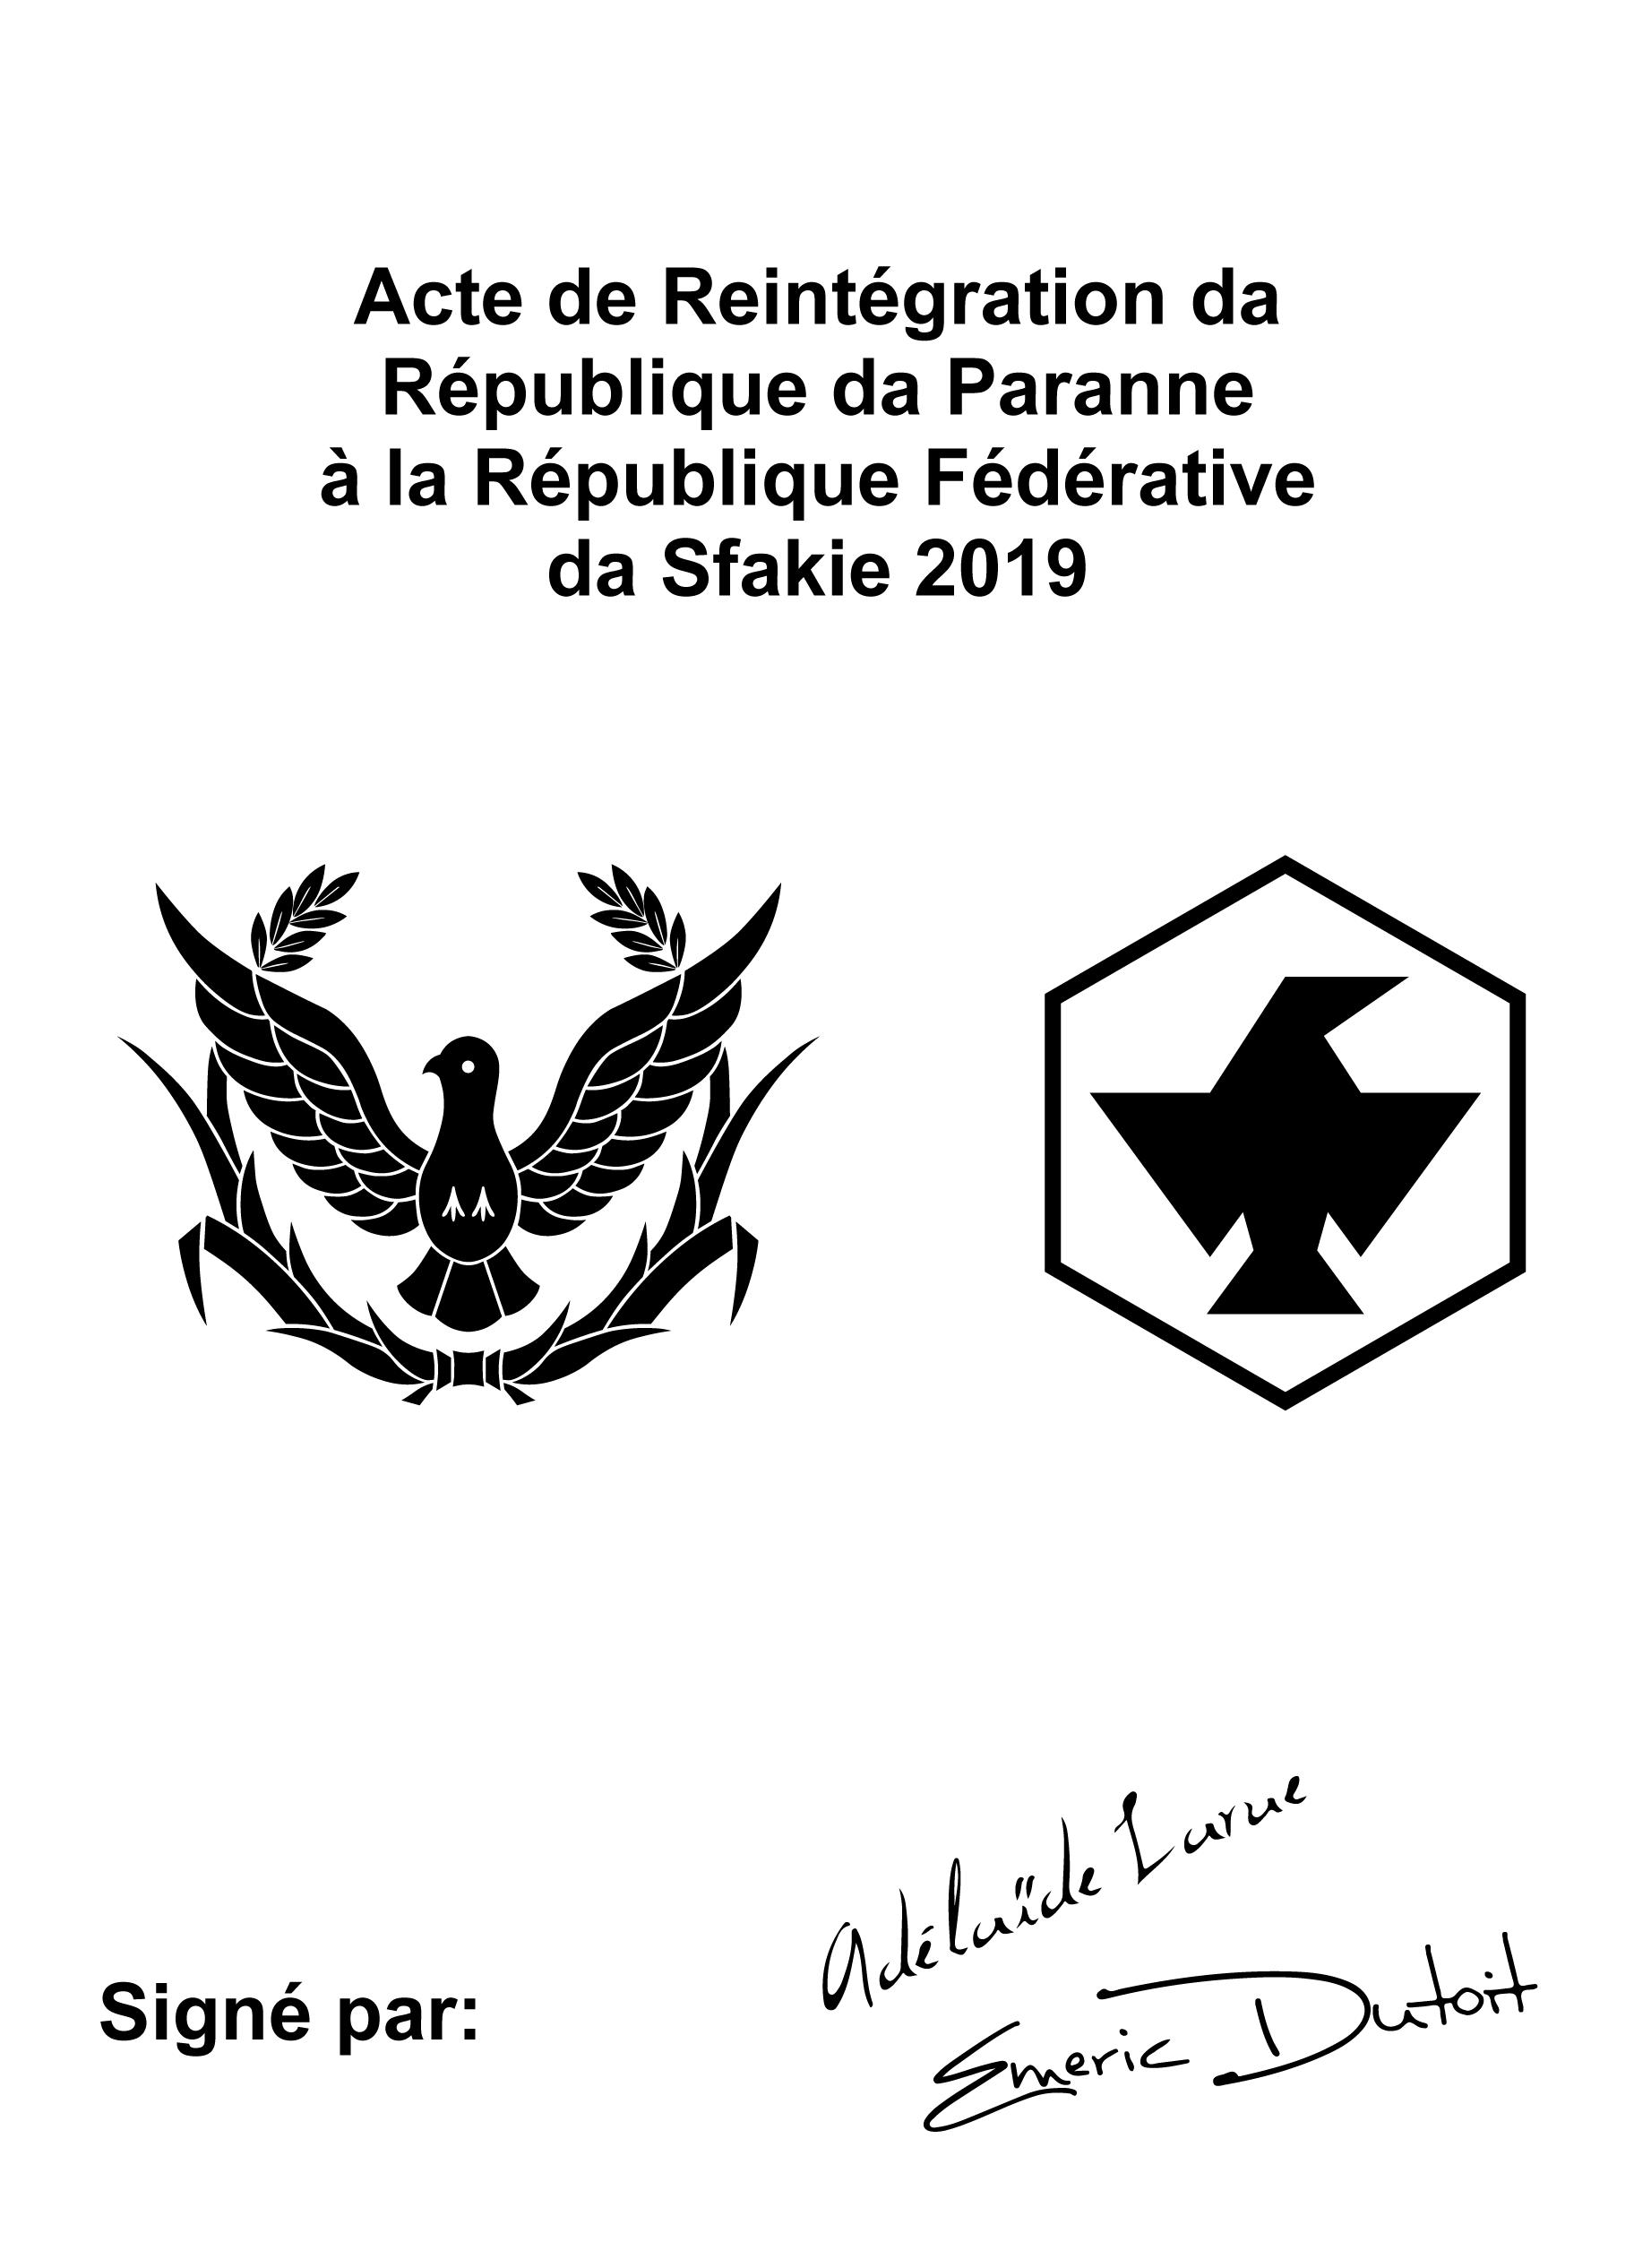 Paranne-Reintgration.png